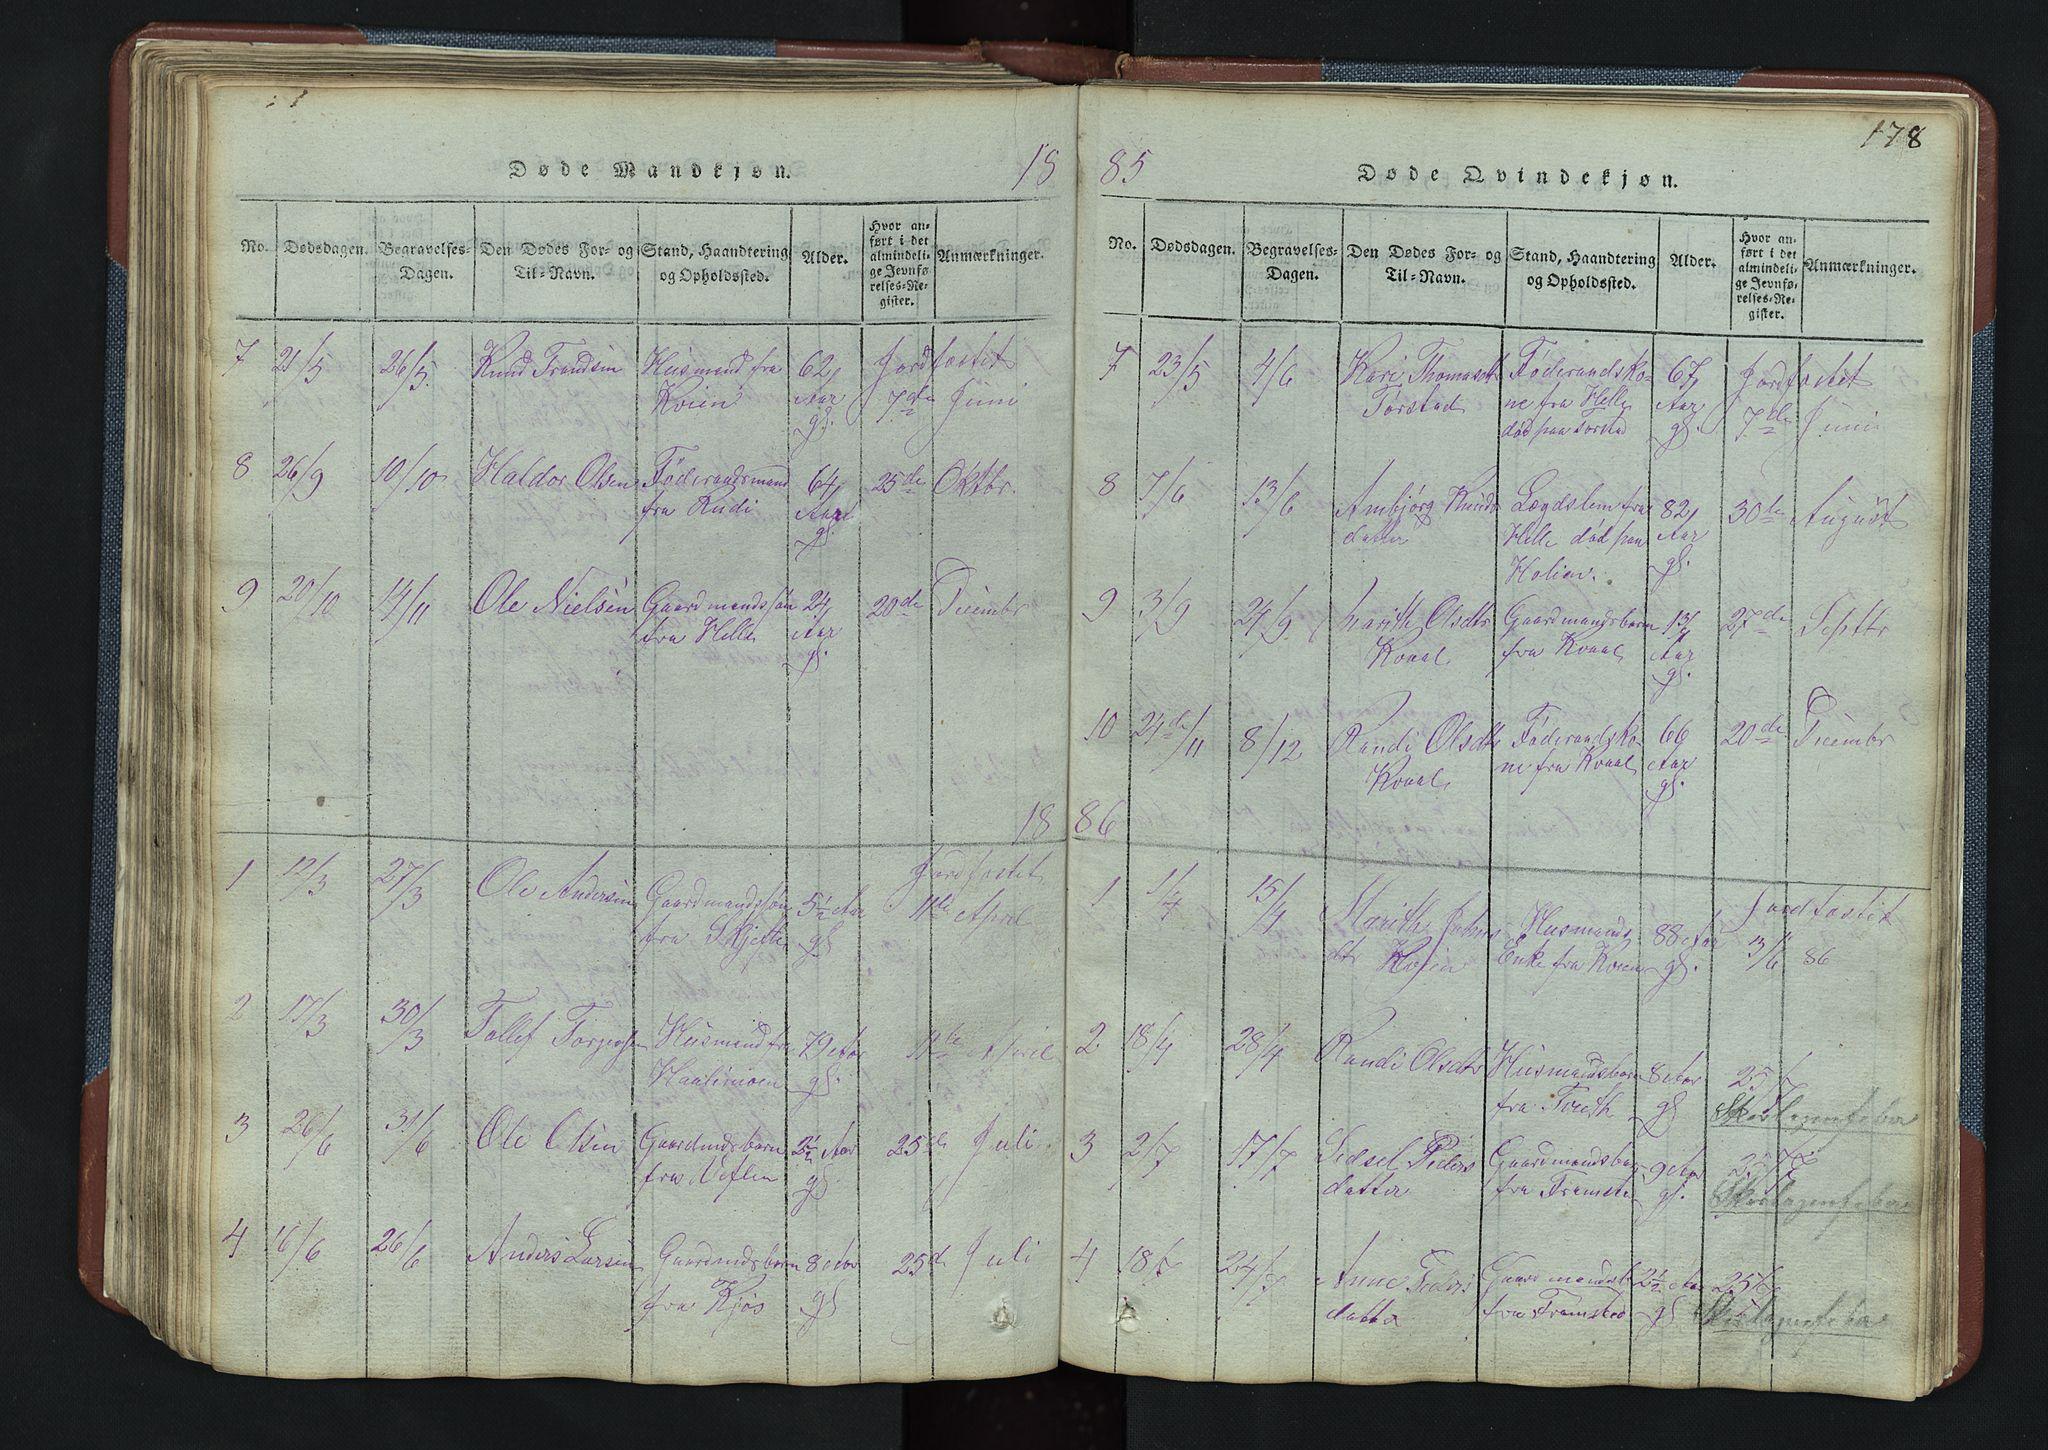 SAH, Vang prestekontor, Valdres, Klokkerbok nr. 3, 1814-1892, s. 178